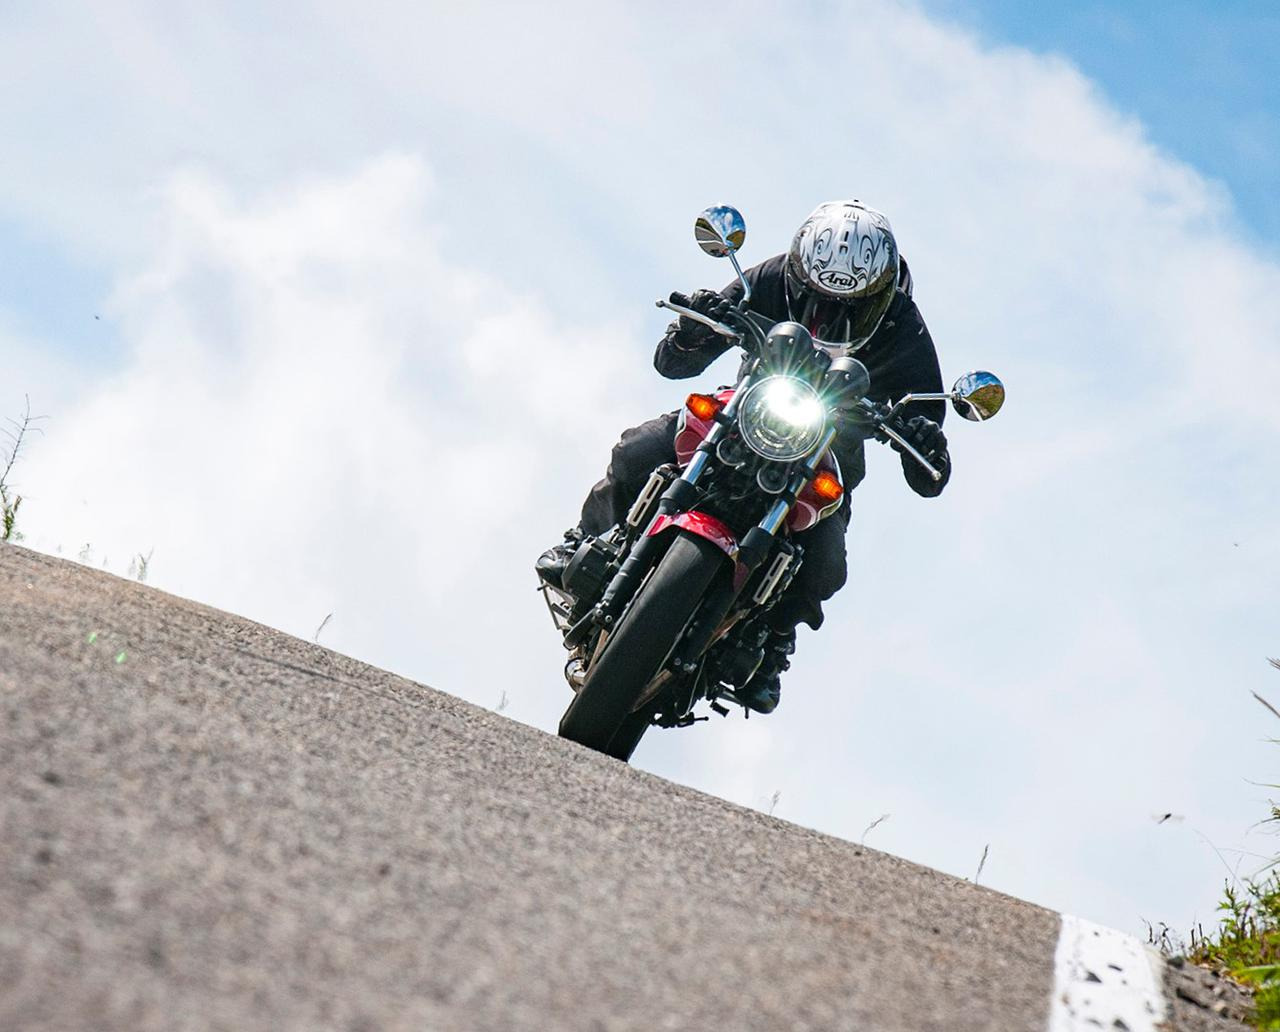 画像: 400ccのバイクに、ちゃんと乗ったことってありますか?【Honda CB400 SUPER FOUR 前編】- ホンダゴー!バイクラボ